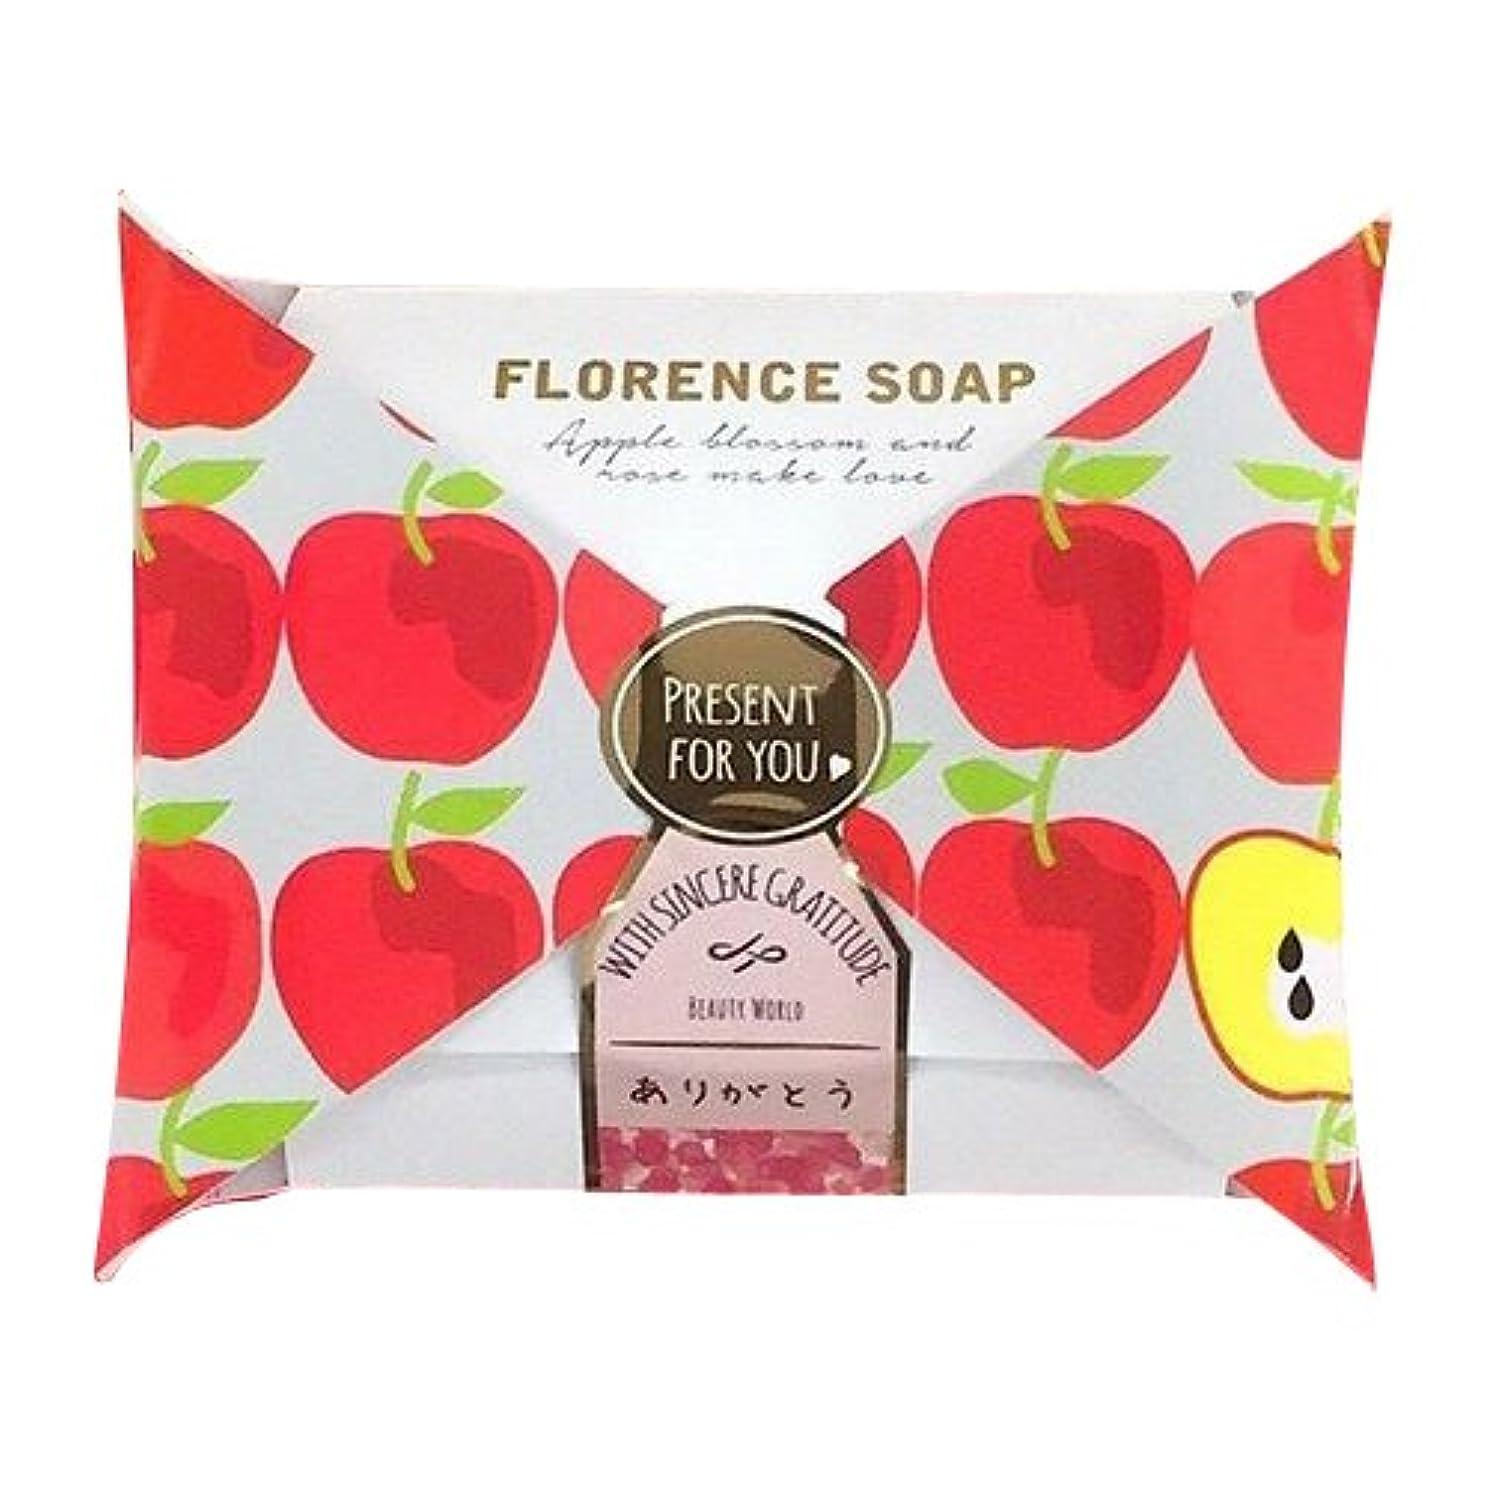 ジャンプする効果的シュガーBW フローレンスの香り石けん リボンパッケージ FSP384 アップルの花とローズの恋 (35g)